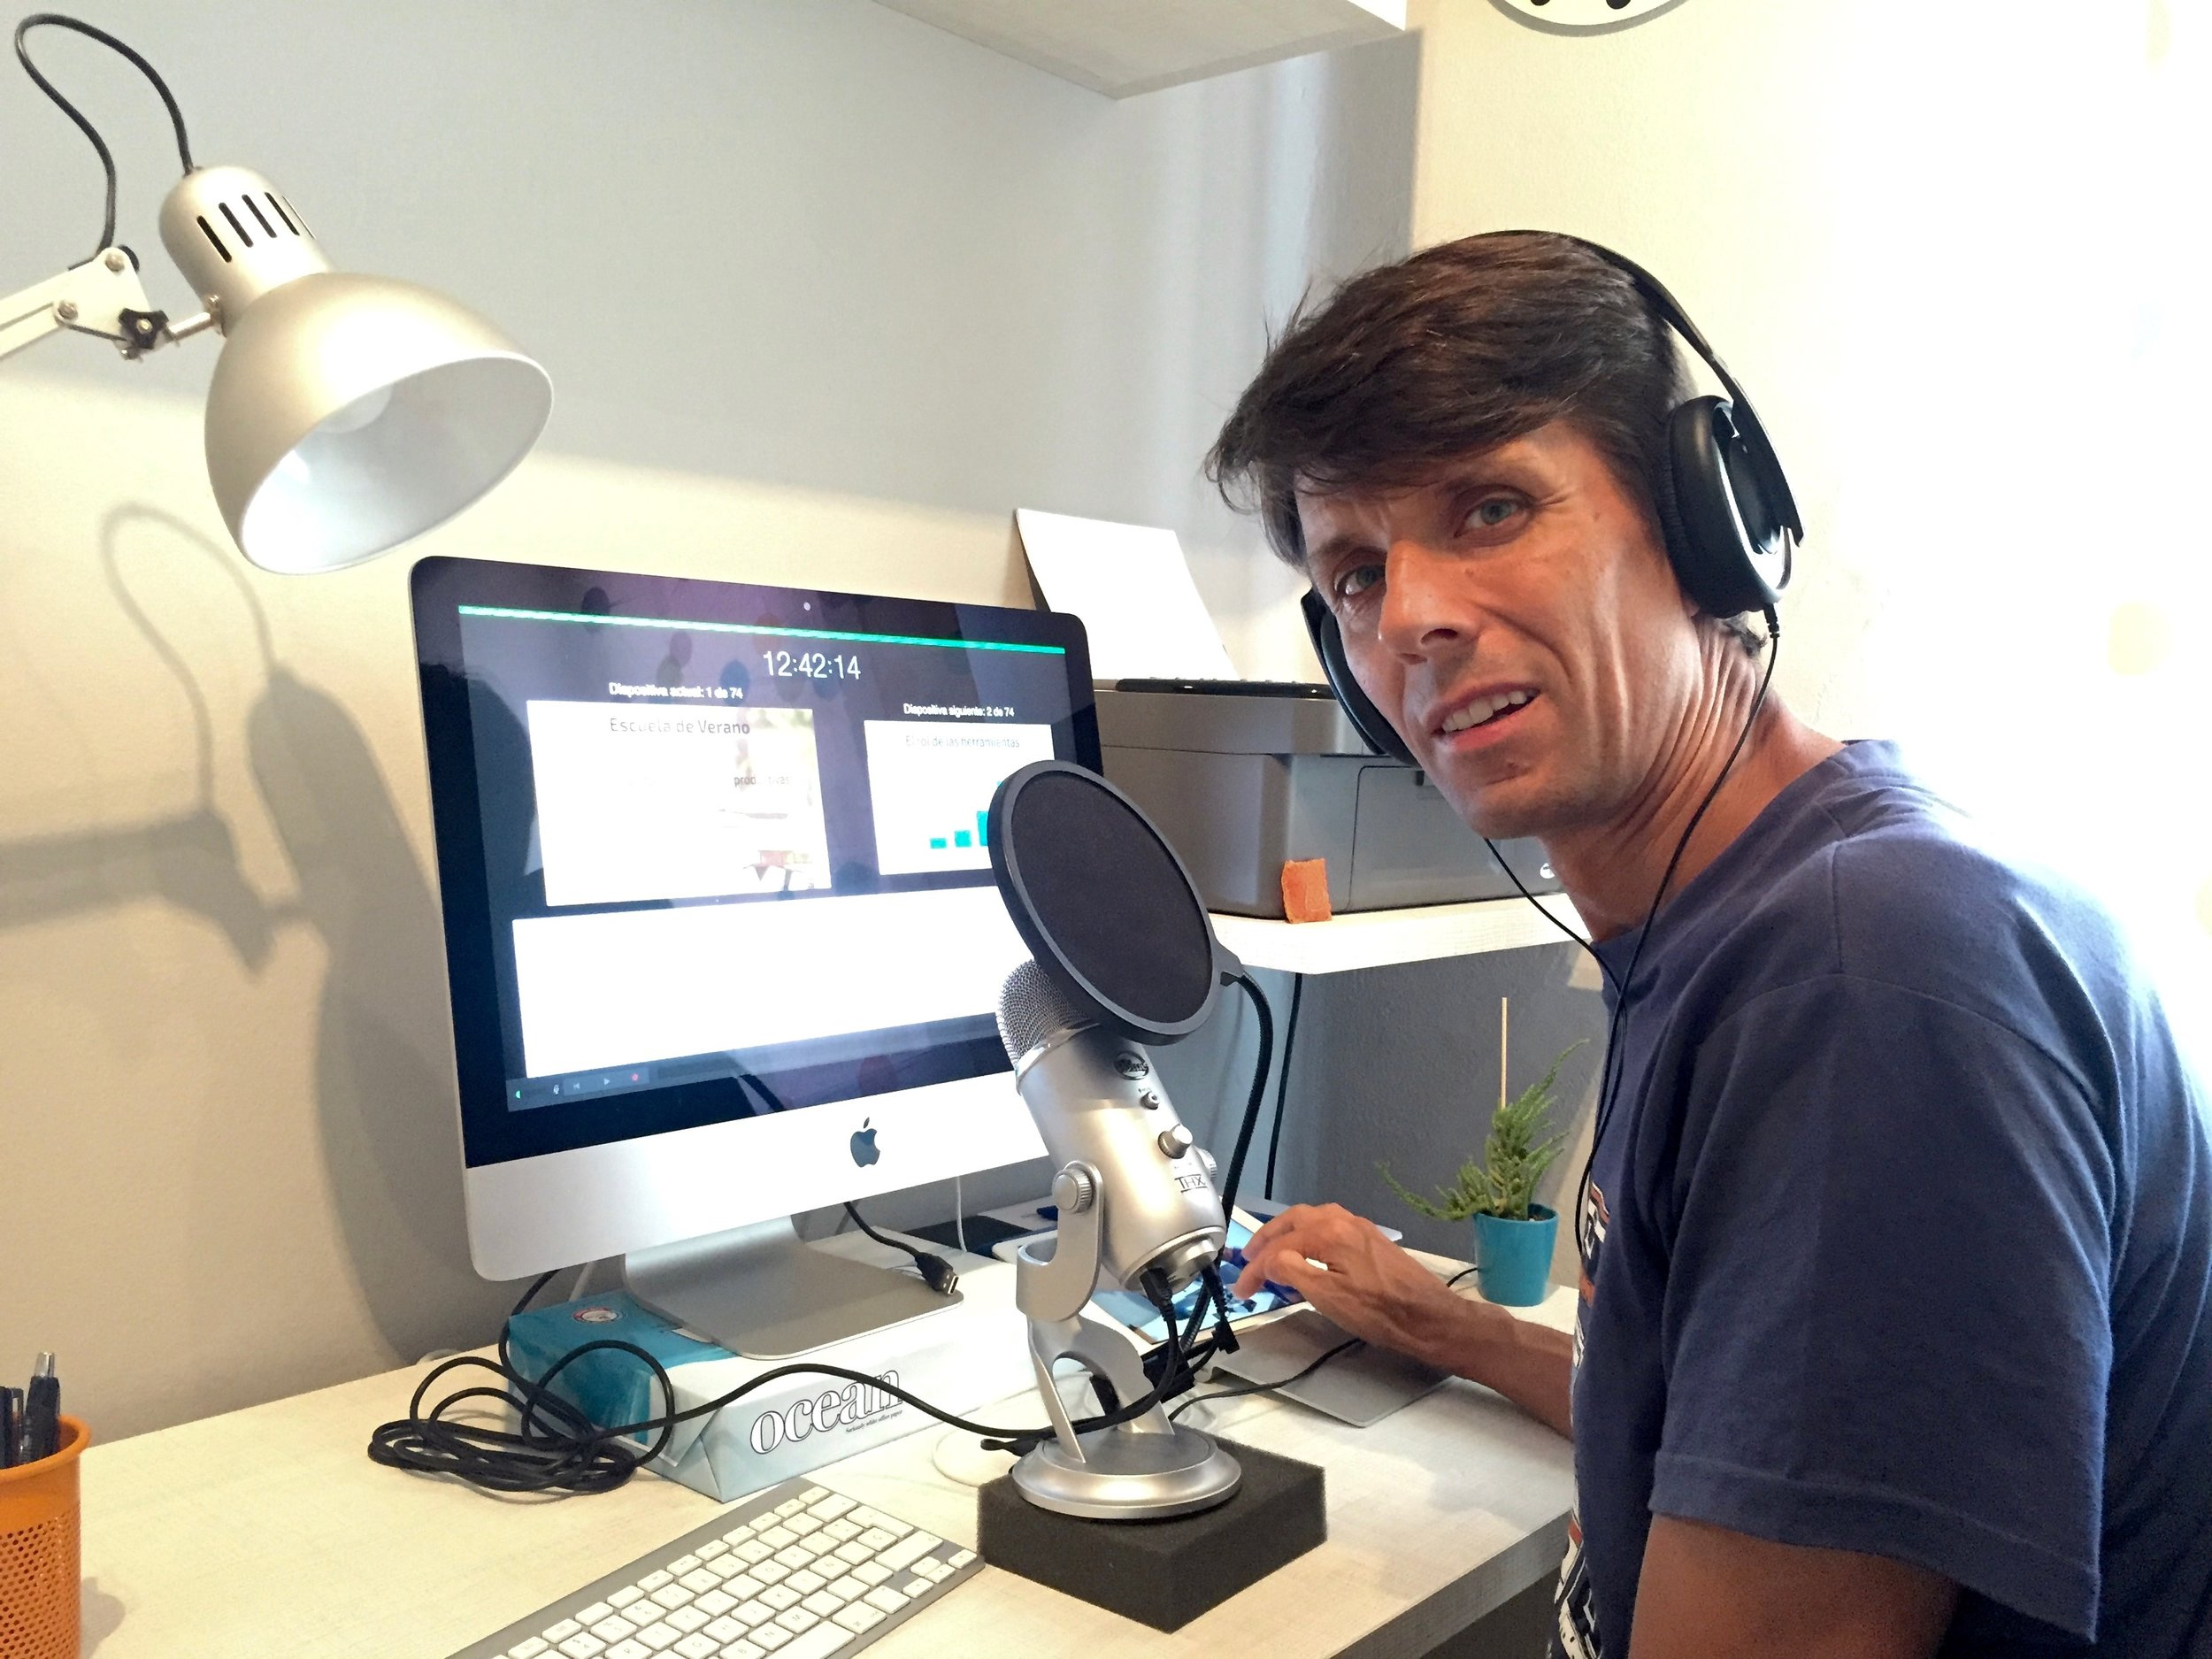 Grabando audio en el iMac